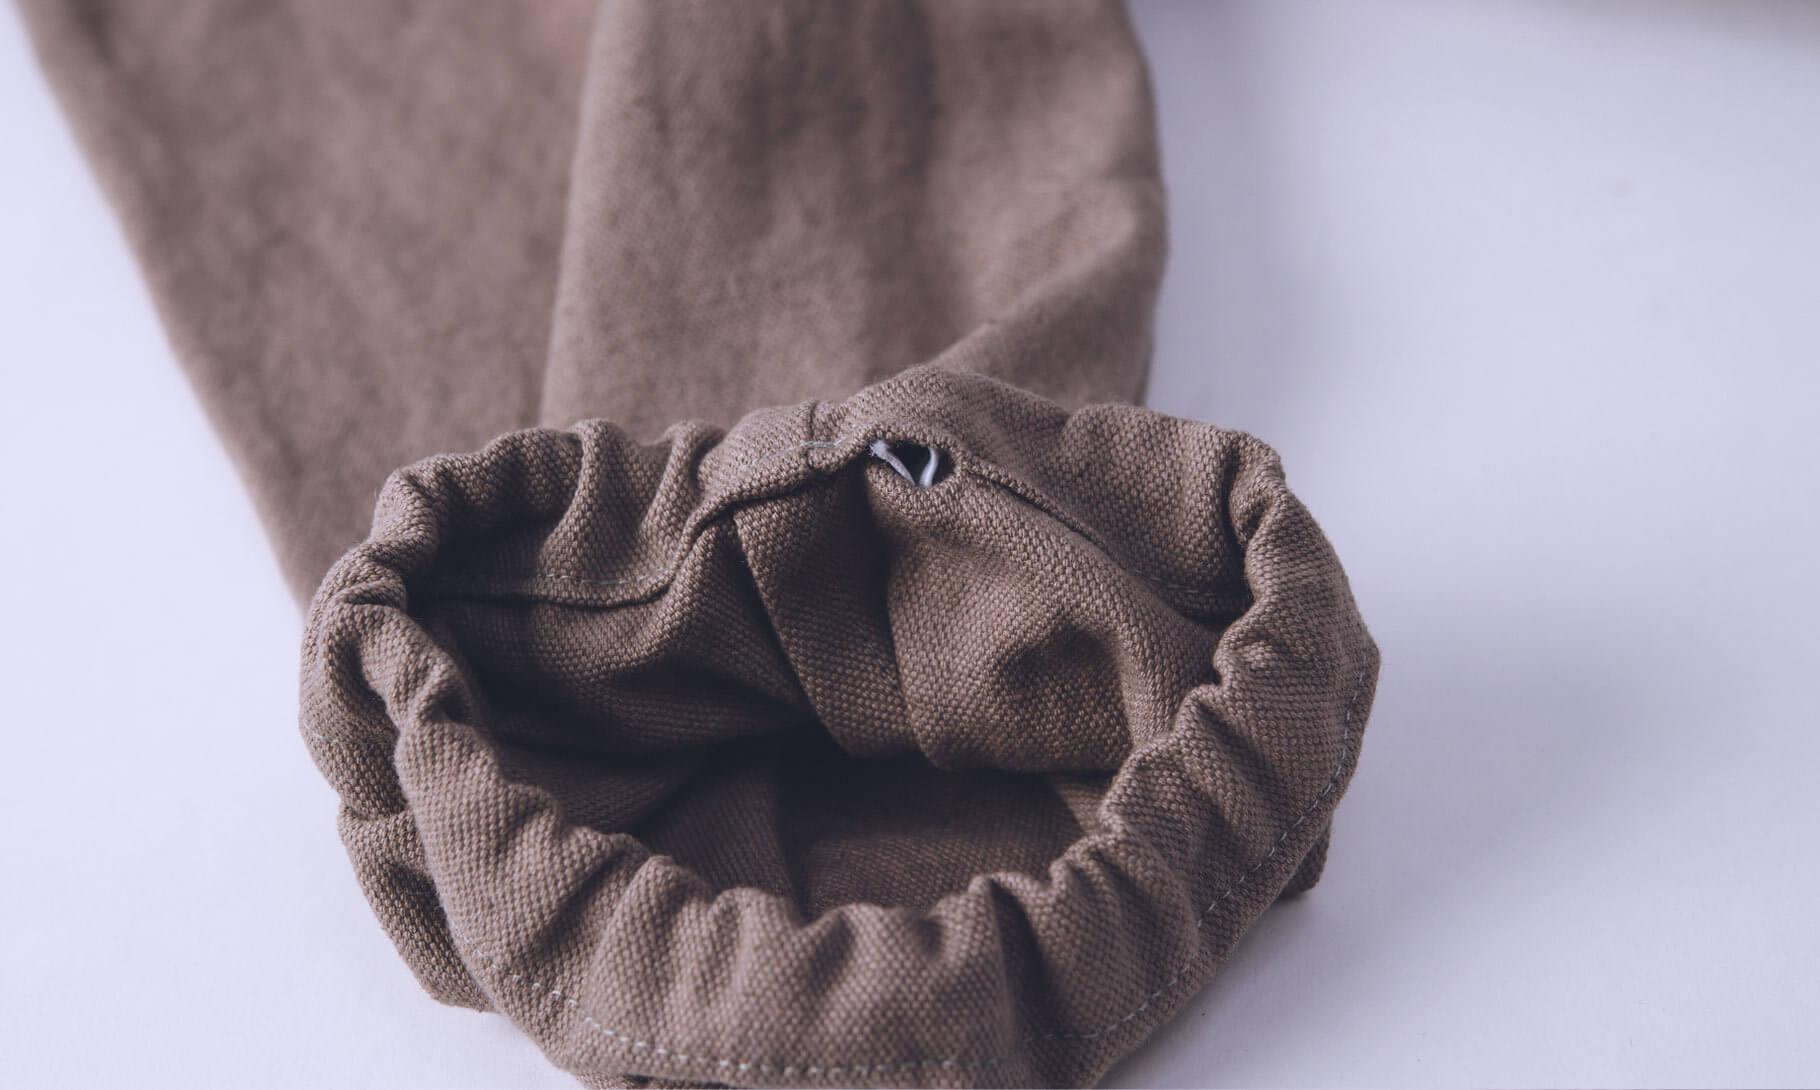 スモックパンツ裾のゴム通しの穴